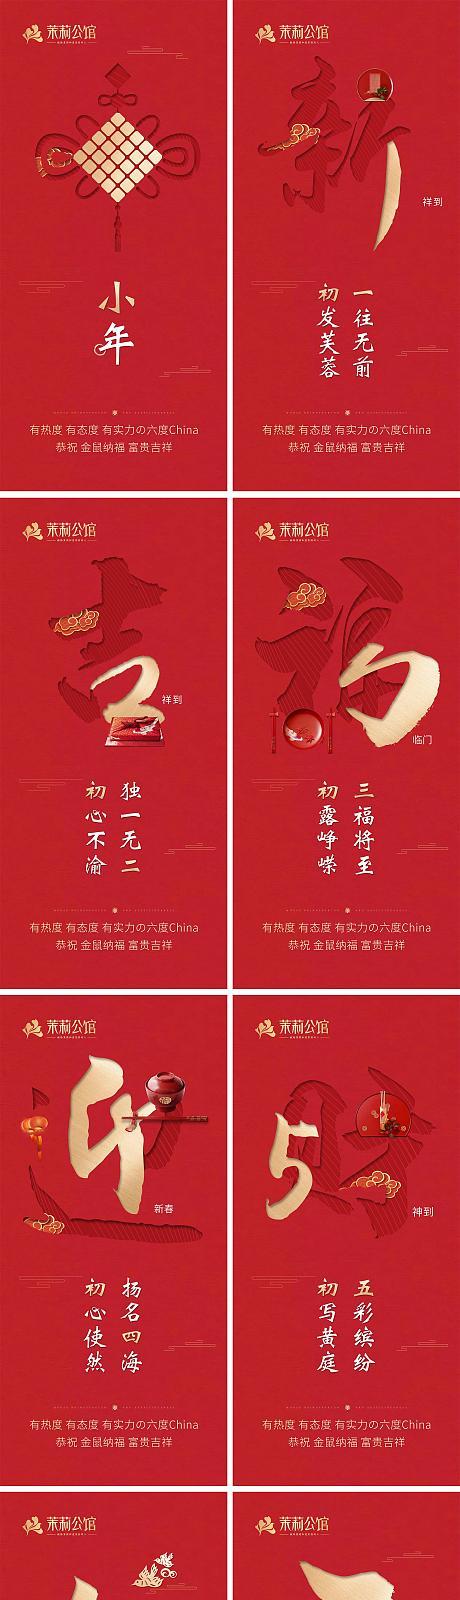 红色过年系列移动端海报-源文件